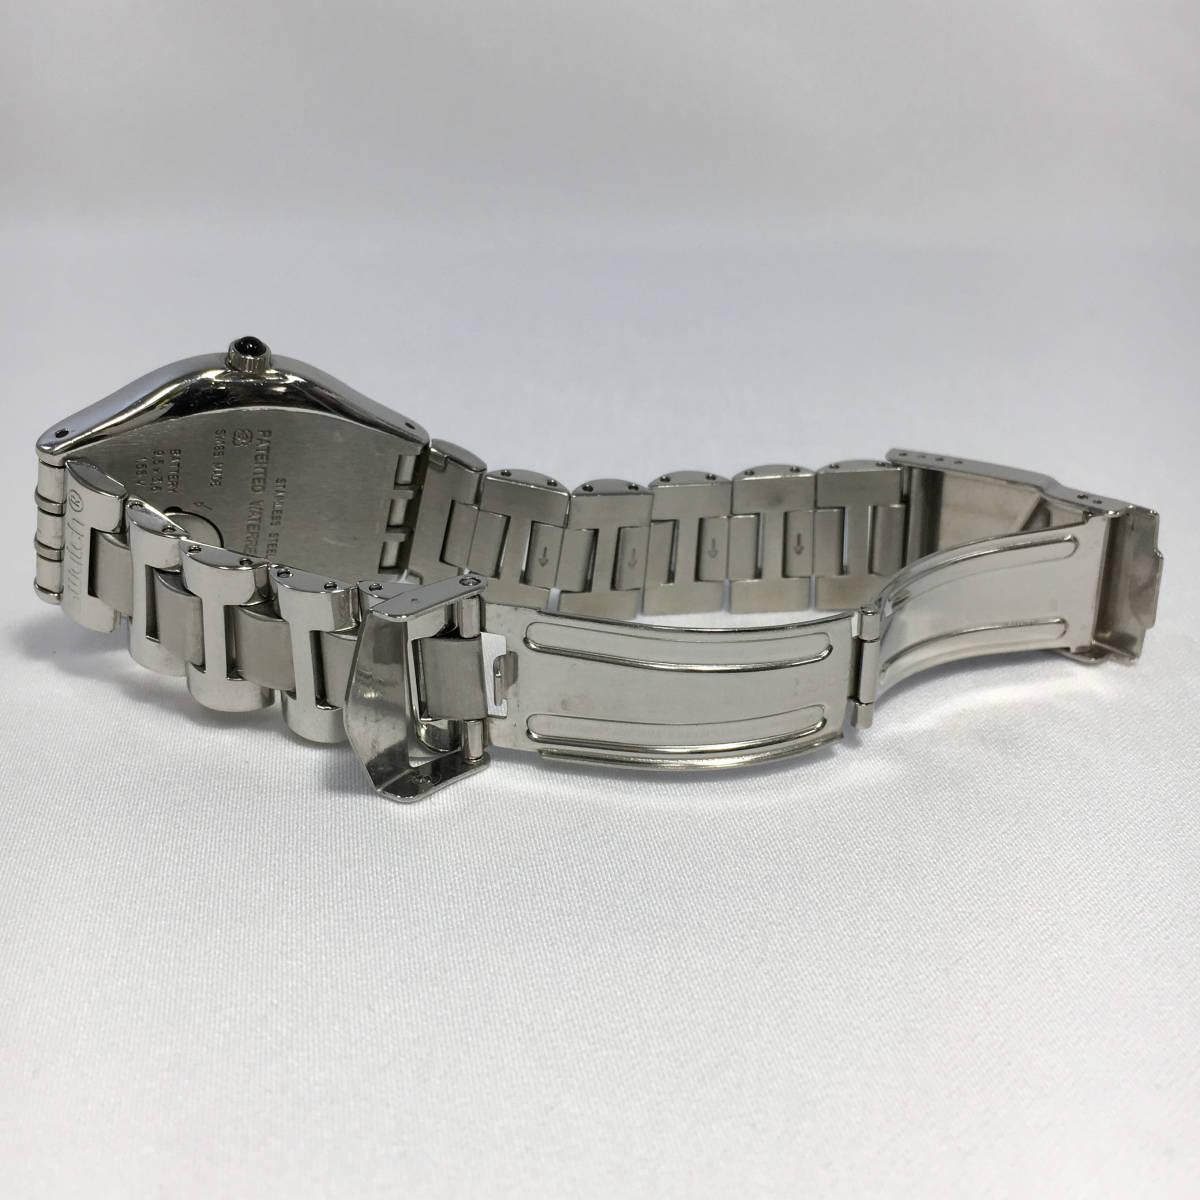 スウォッチ 腕時計 アイロニー AG1993 クォーツ デイト シルバー×ブラック Swatch Irony 電池交換済 稼働品_画像6